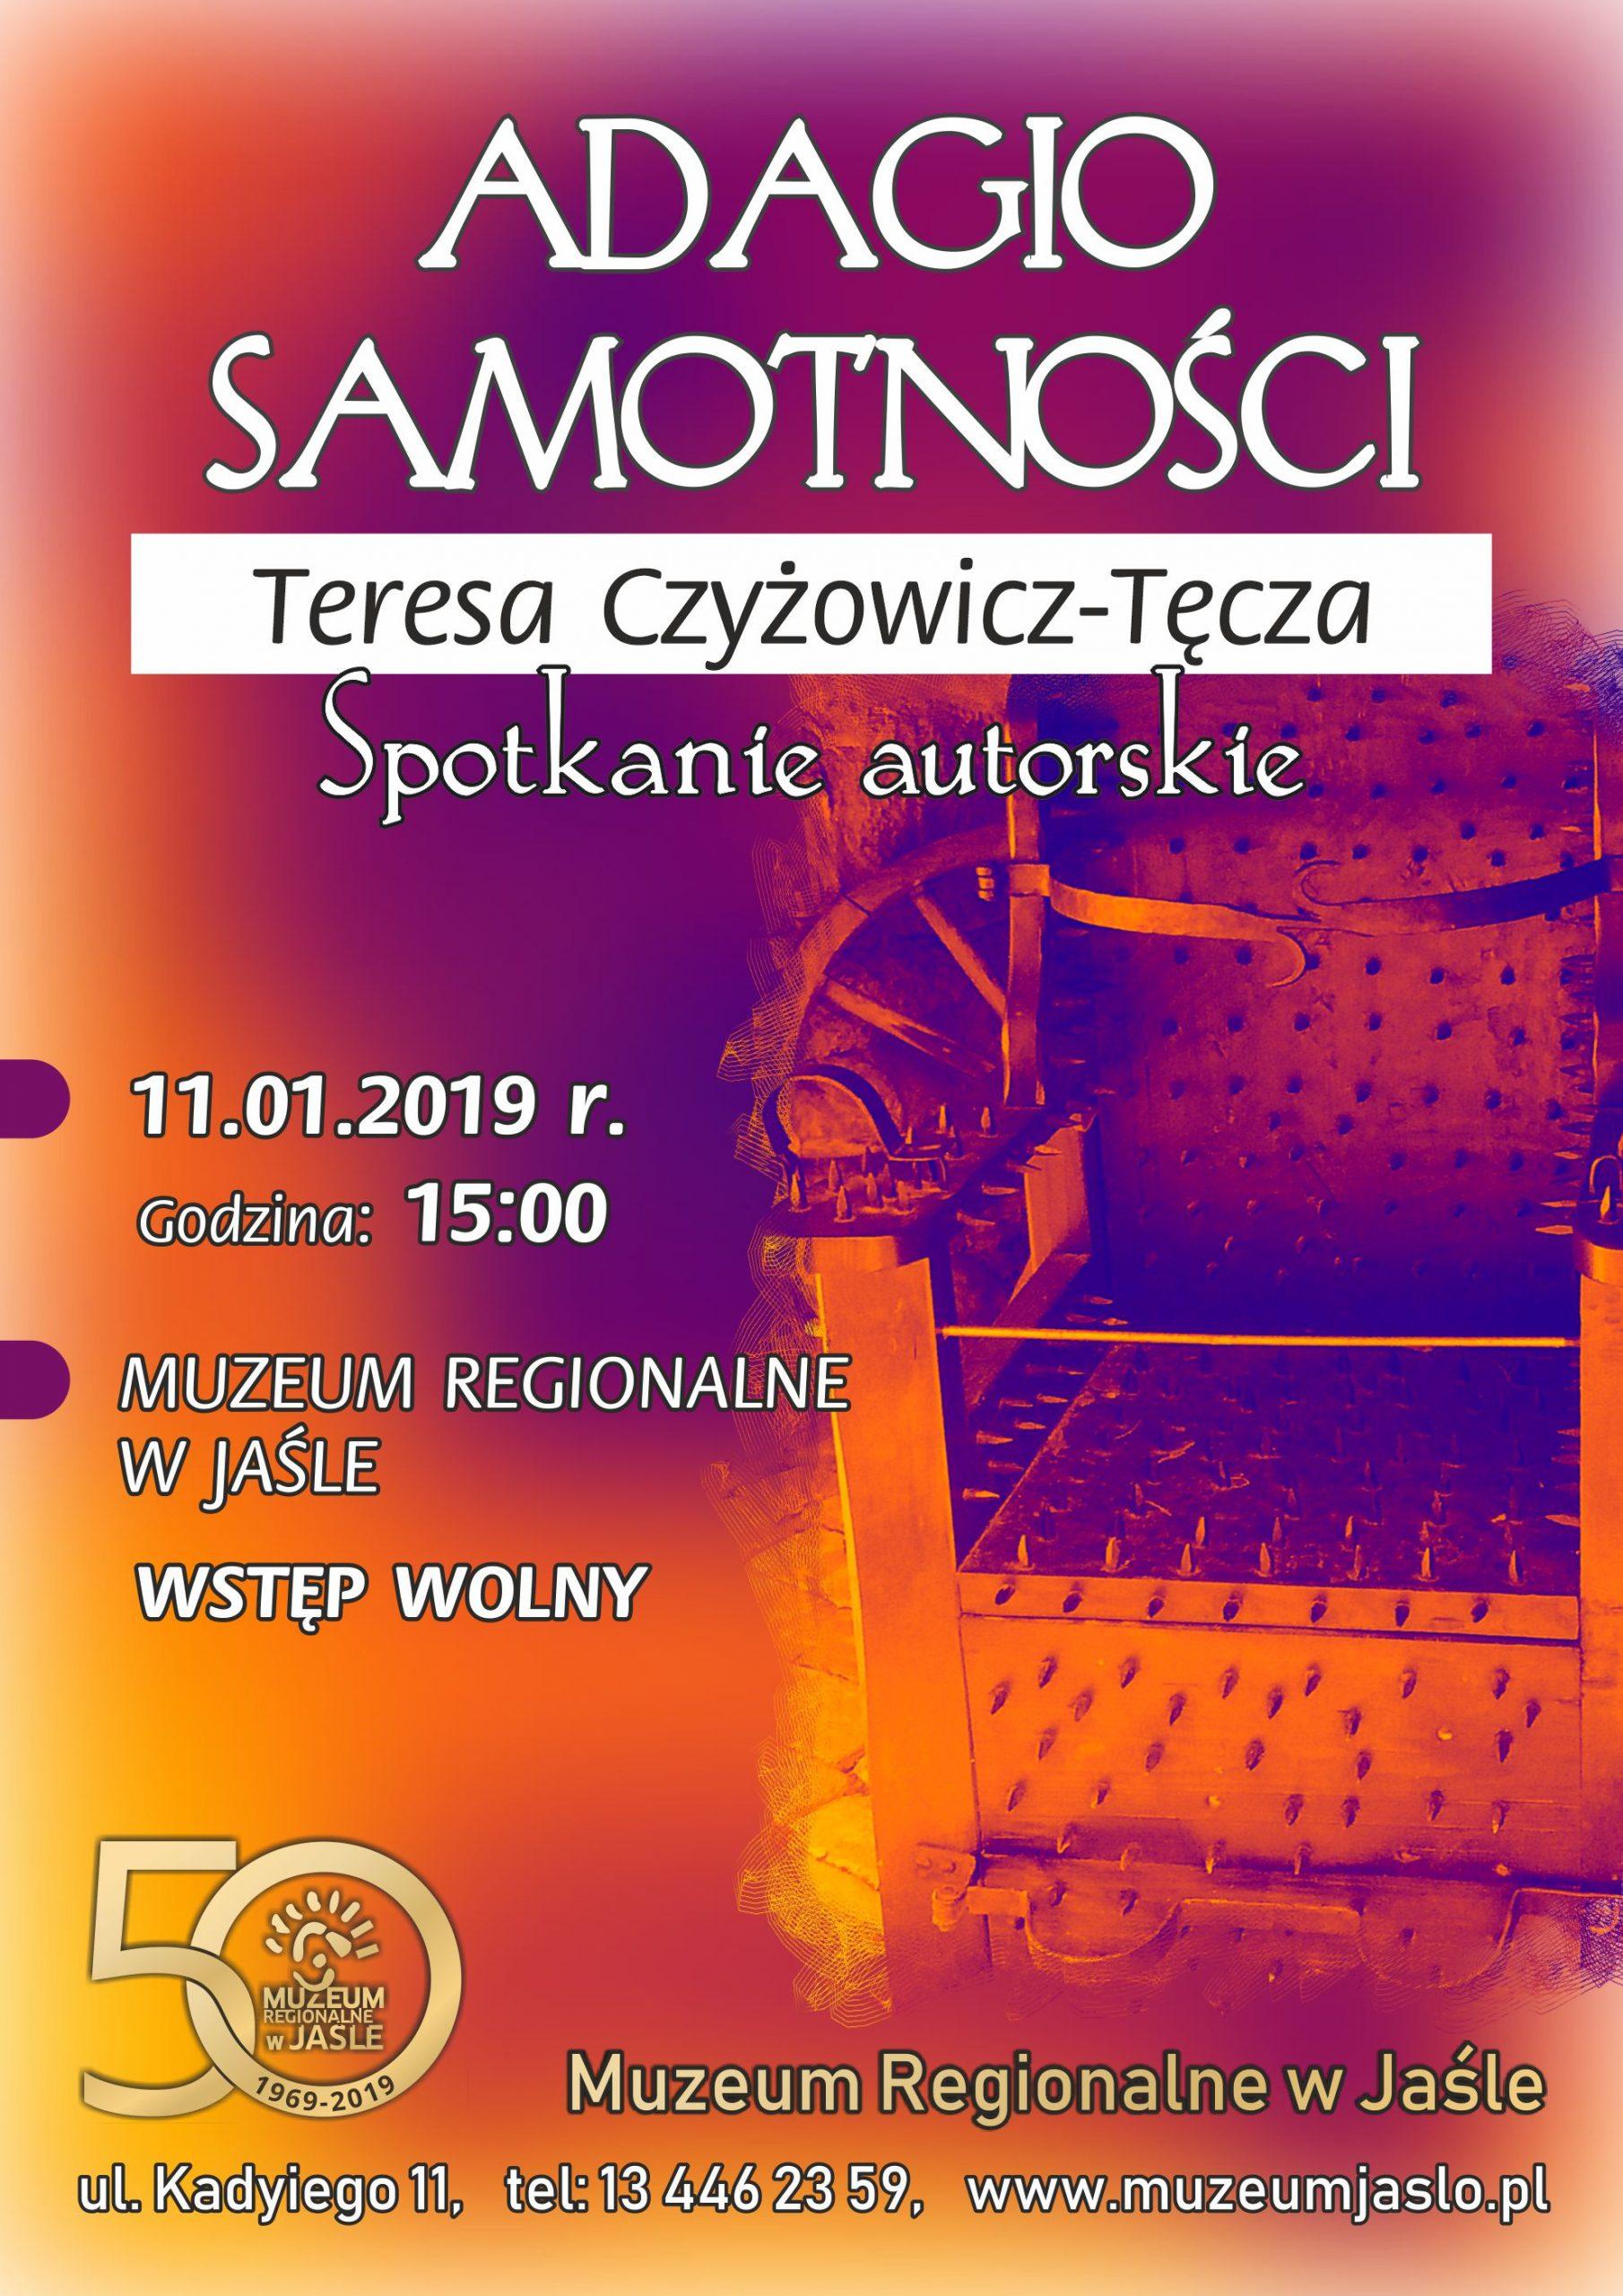 Adagio Samotności Teresa Czyżowicz Tęcza Spotkanie